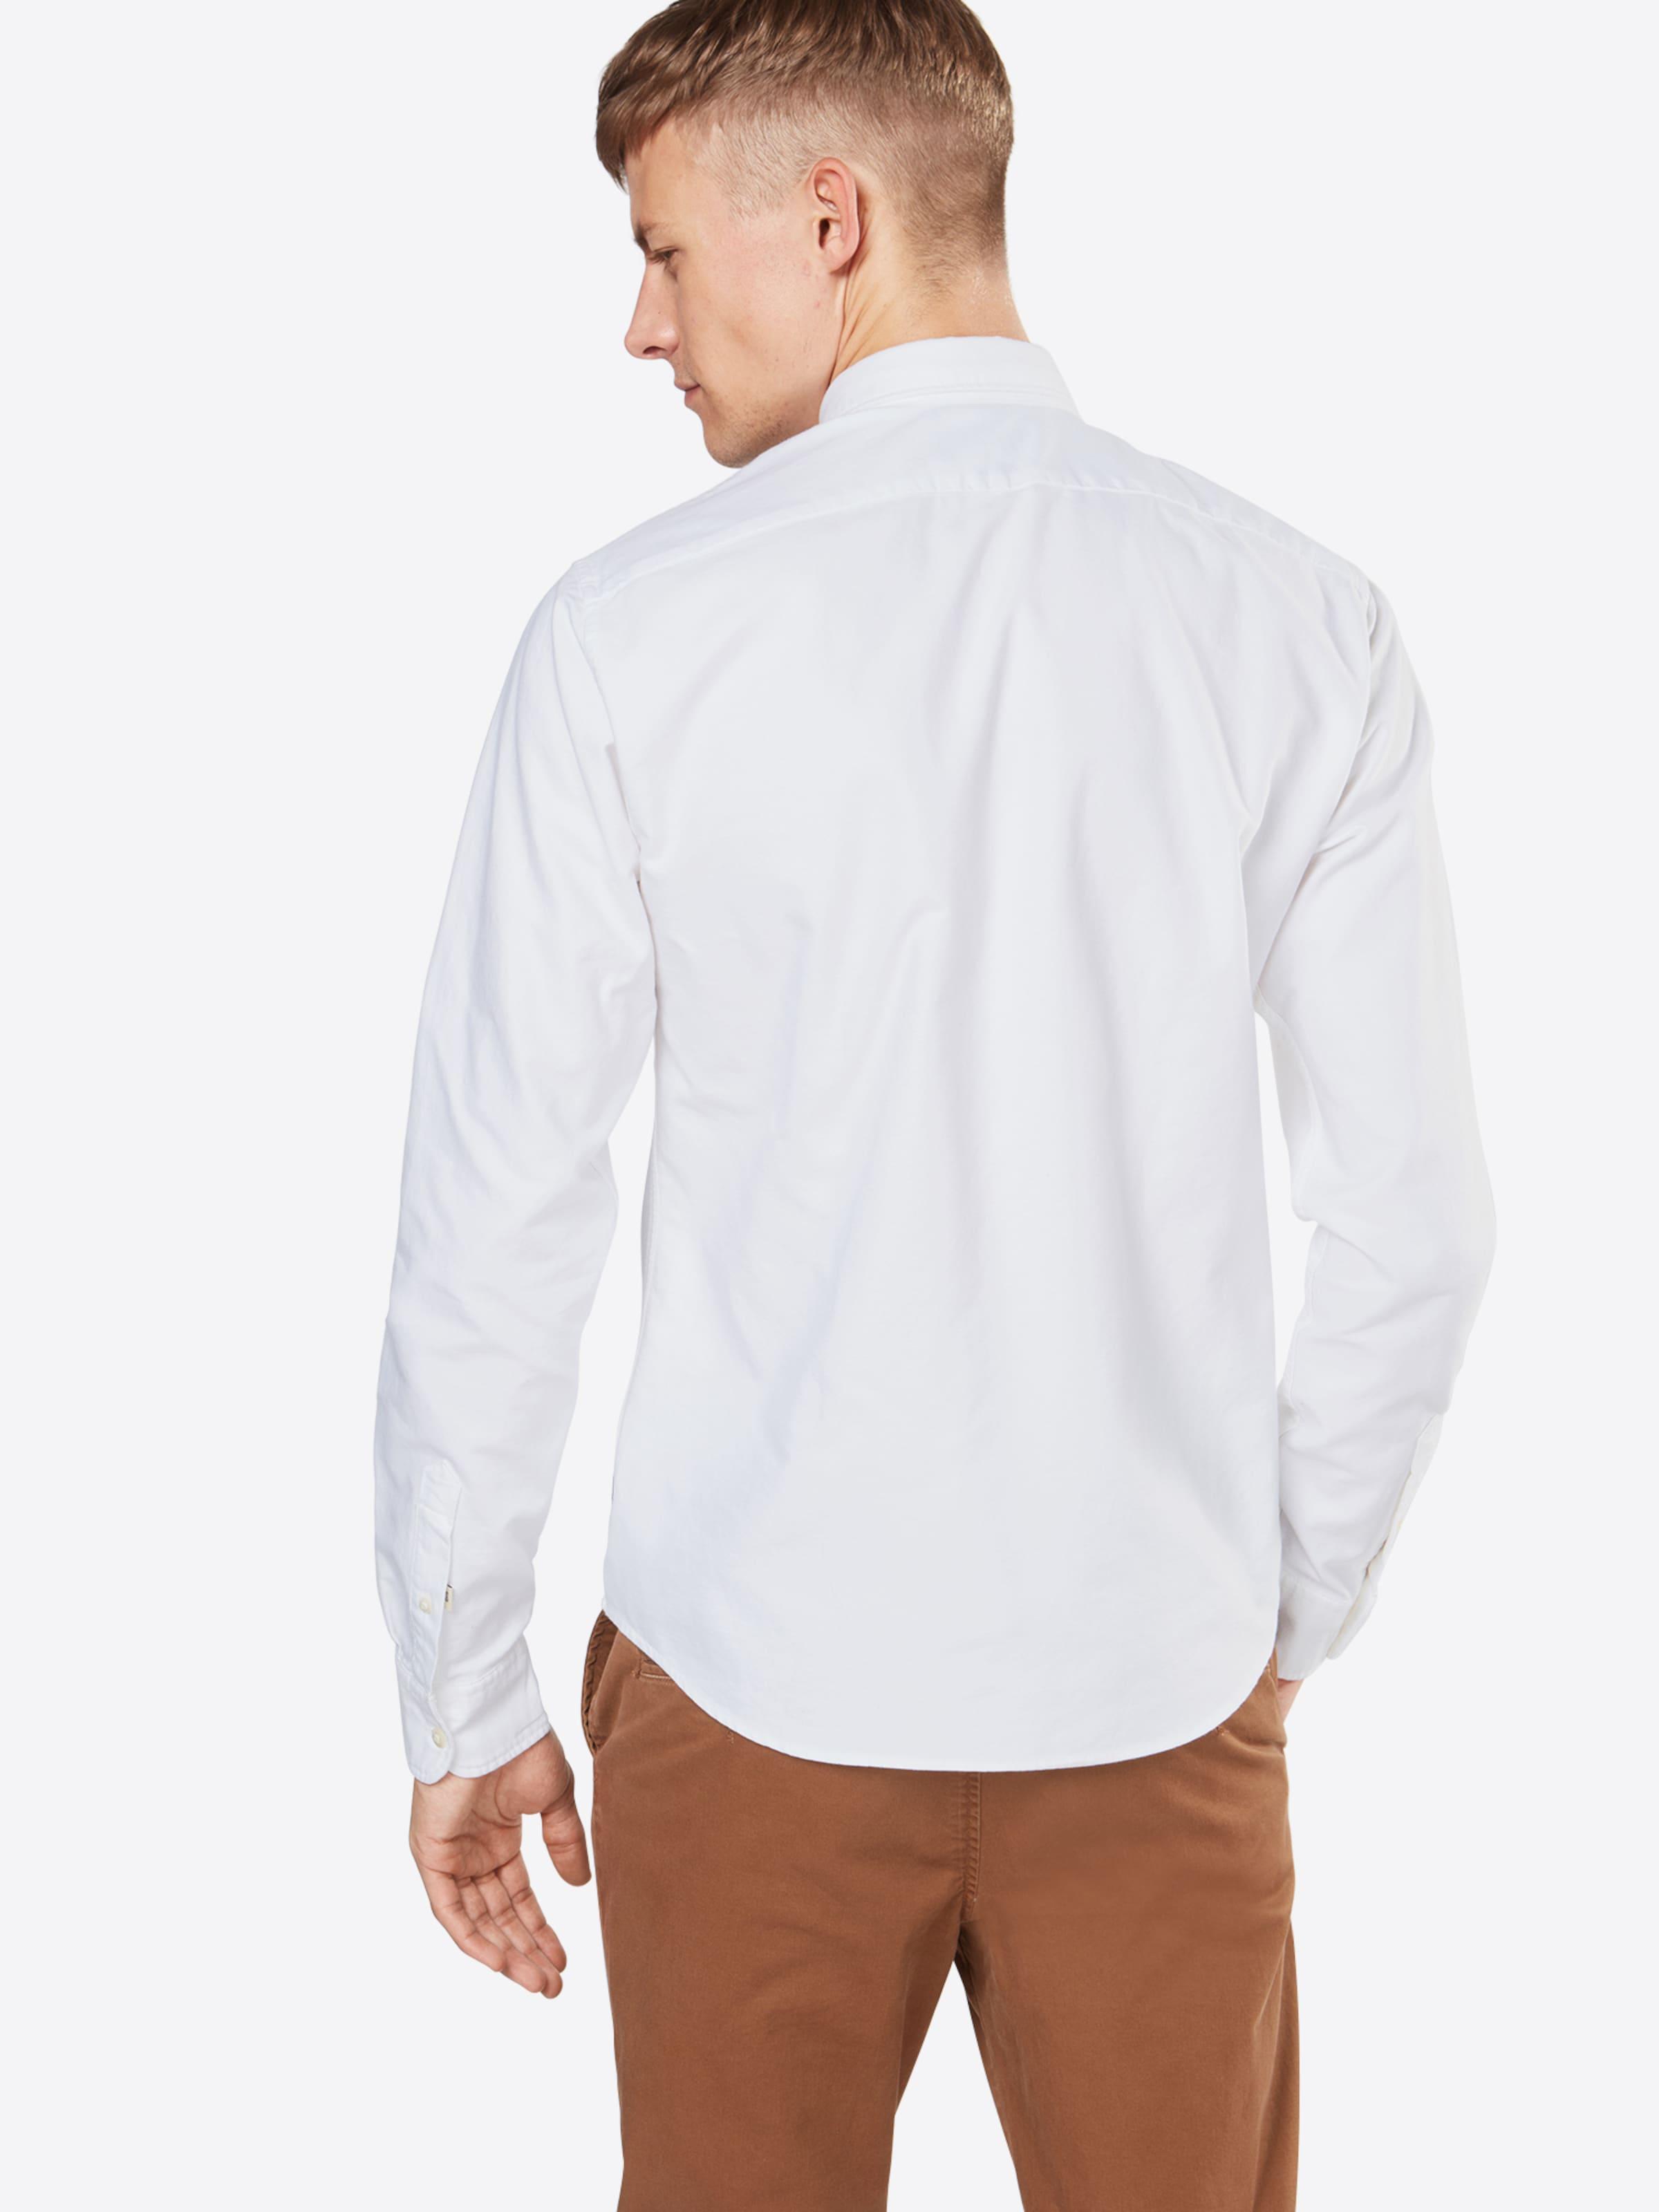 SCOTCH & SODA Businesshemd 'Classic Oxford Shirt' Niedrig Versandkosten Günstig Online Sehr Billig Zu Verkaufen Niedrigen Preis Versandkosten Für Günstigen Preis Werksverkauf 2018 Neuester Günstiger Preis h7rC8e34PG